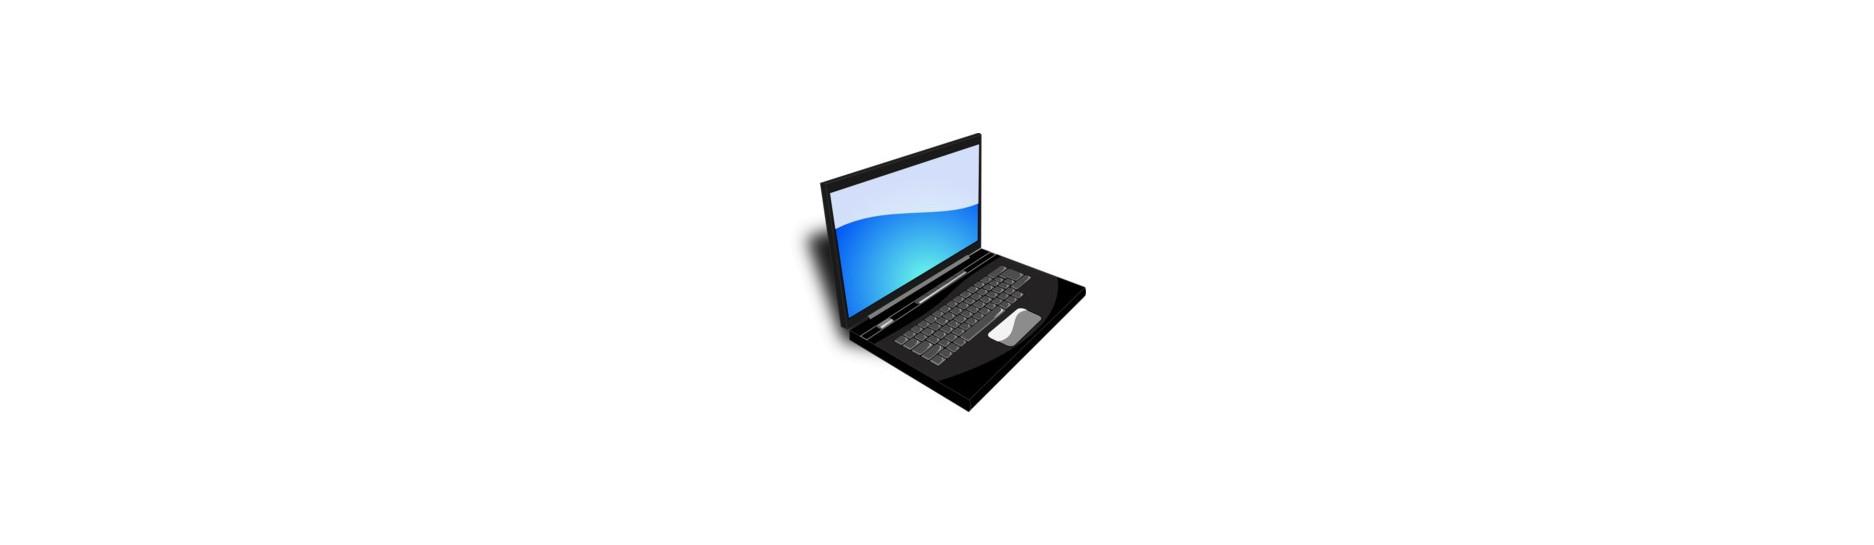 Portatili, Tablet e Smartphone